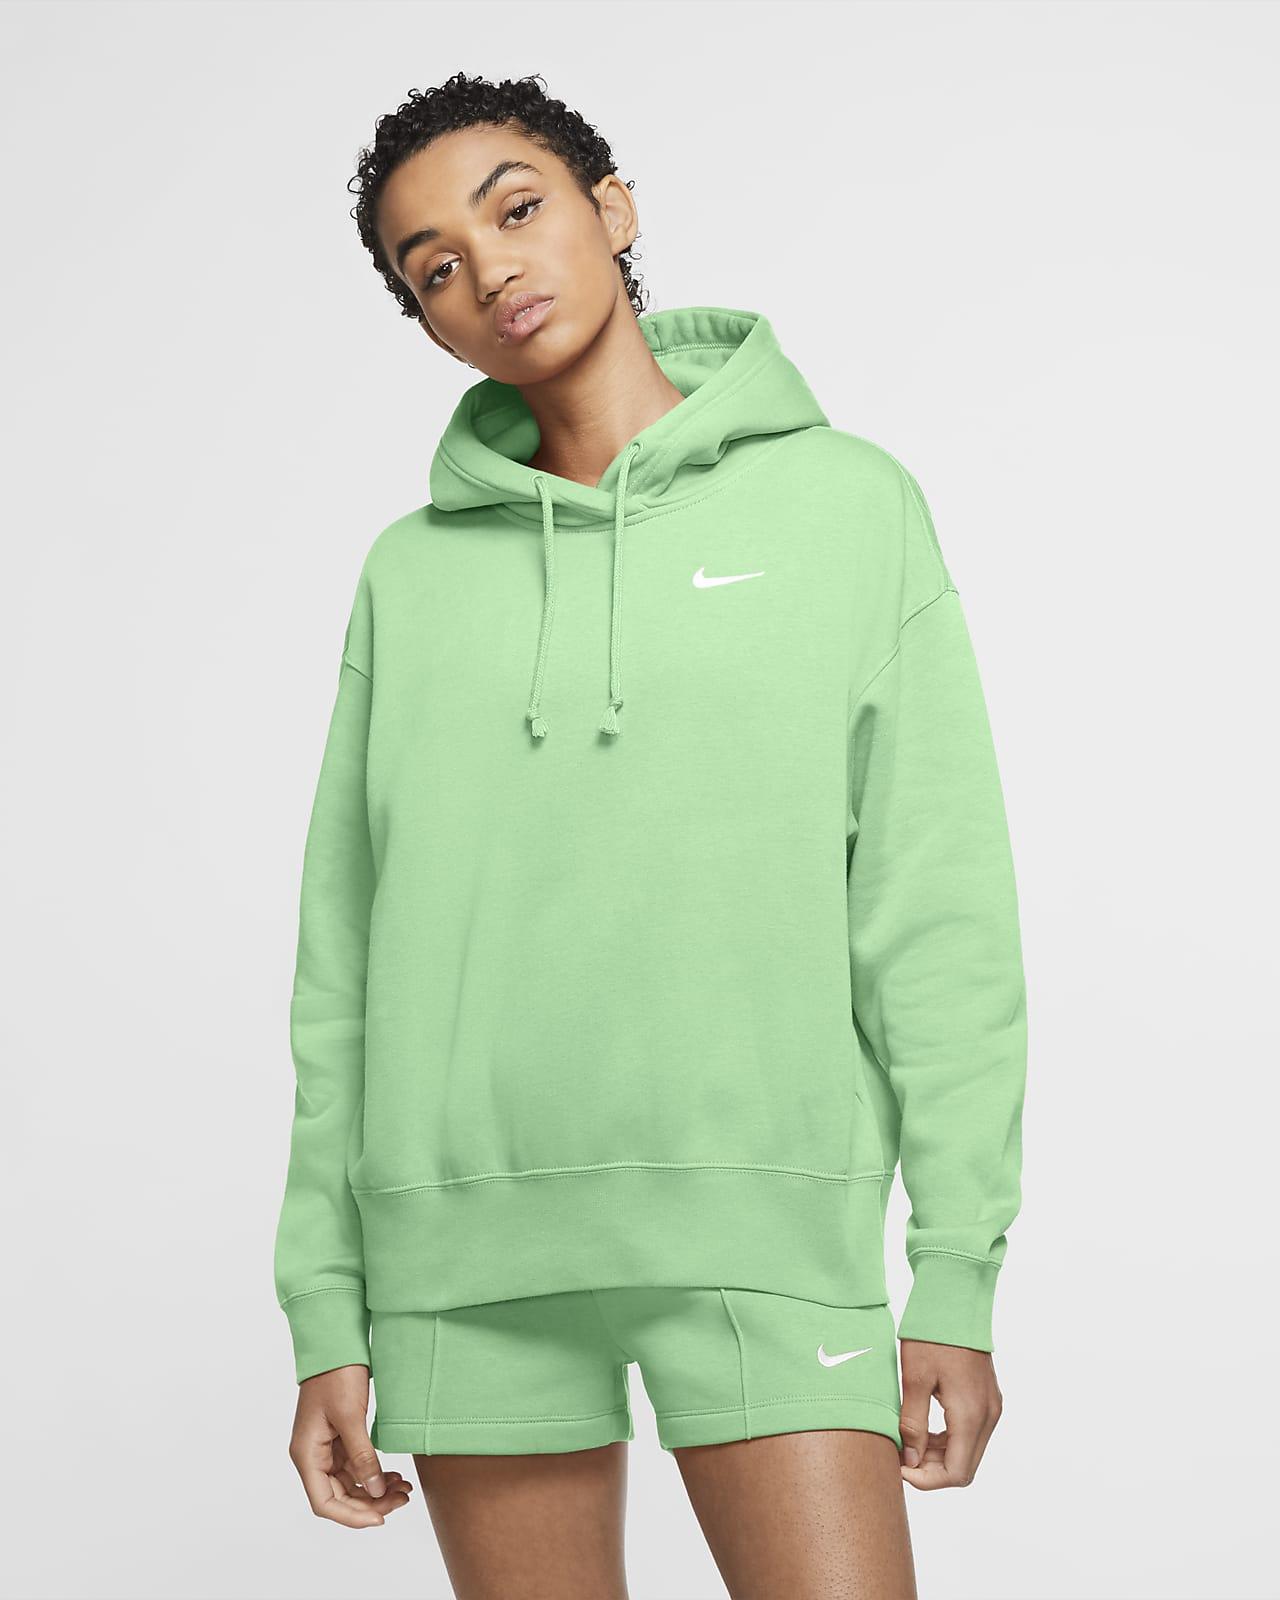 Damska dzianinowa bluza z kapturem Nike Sportswear